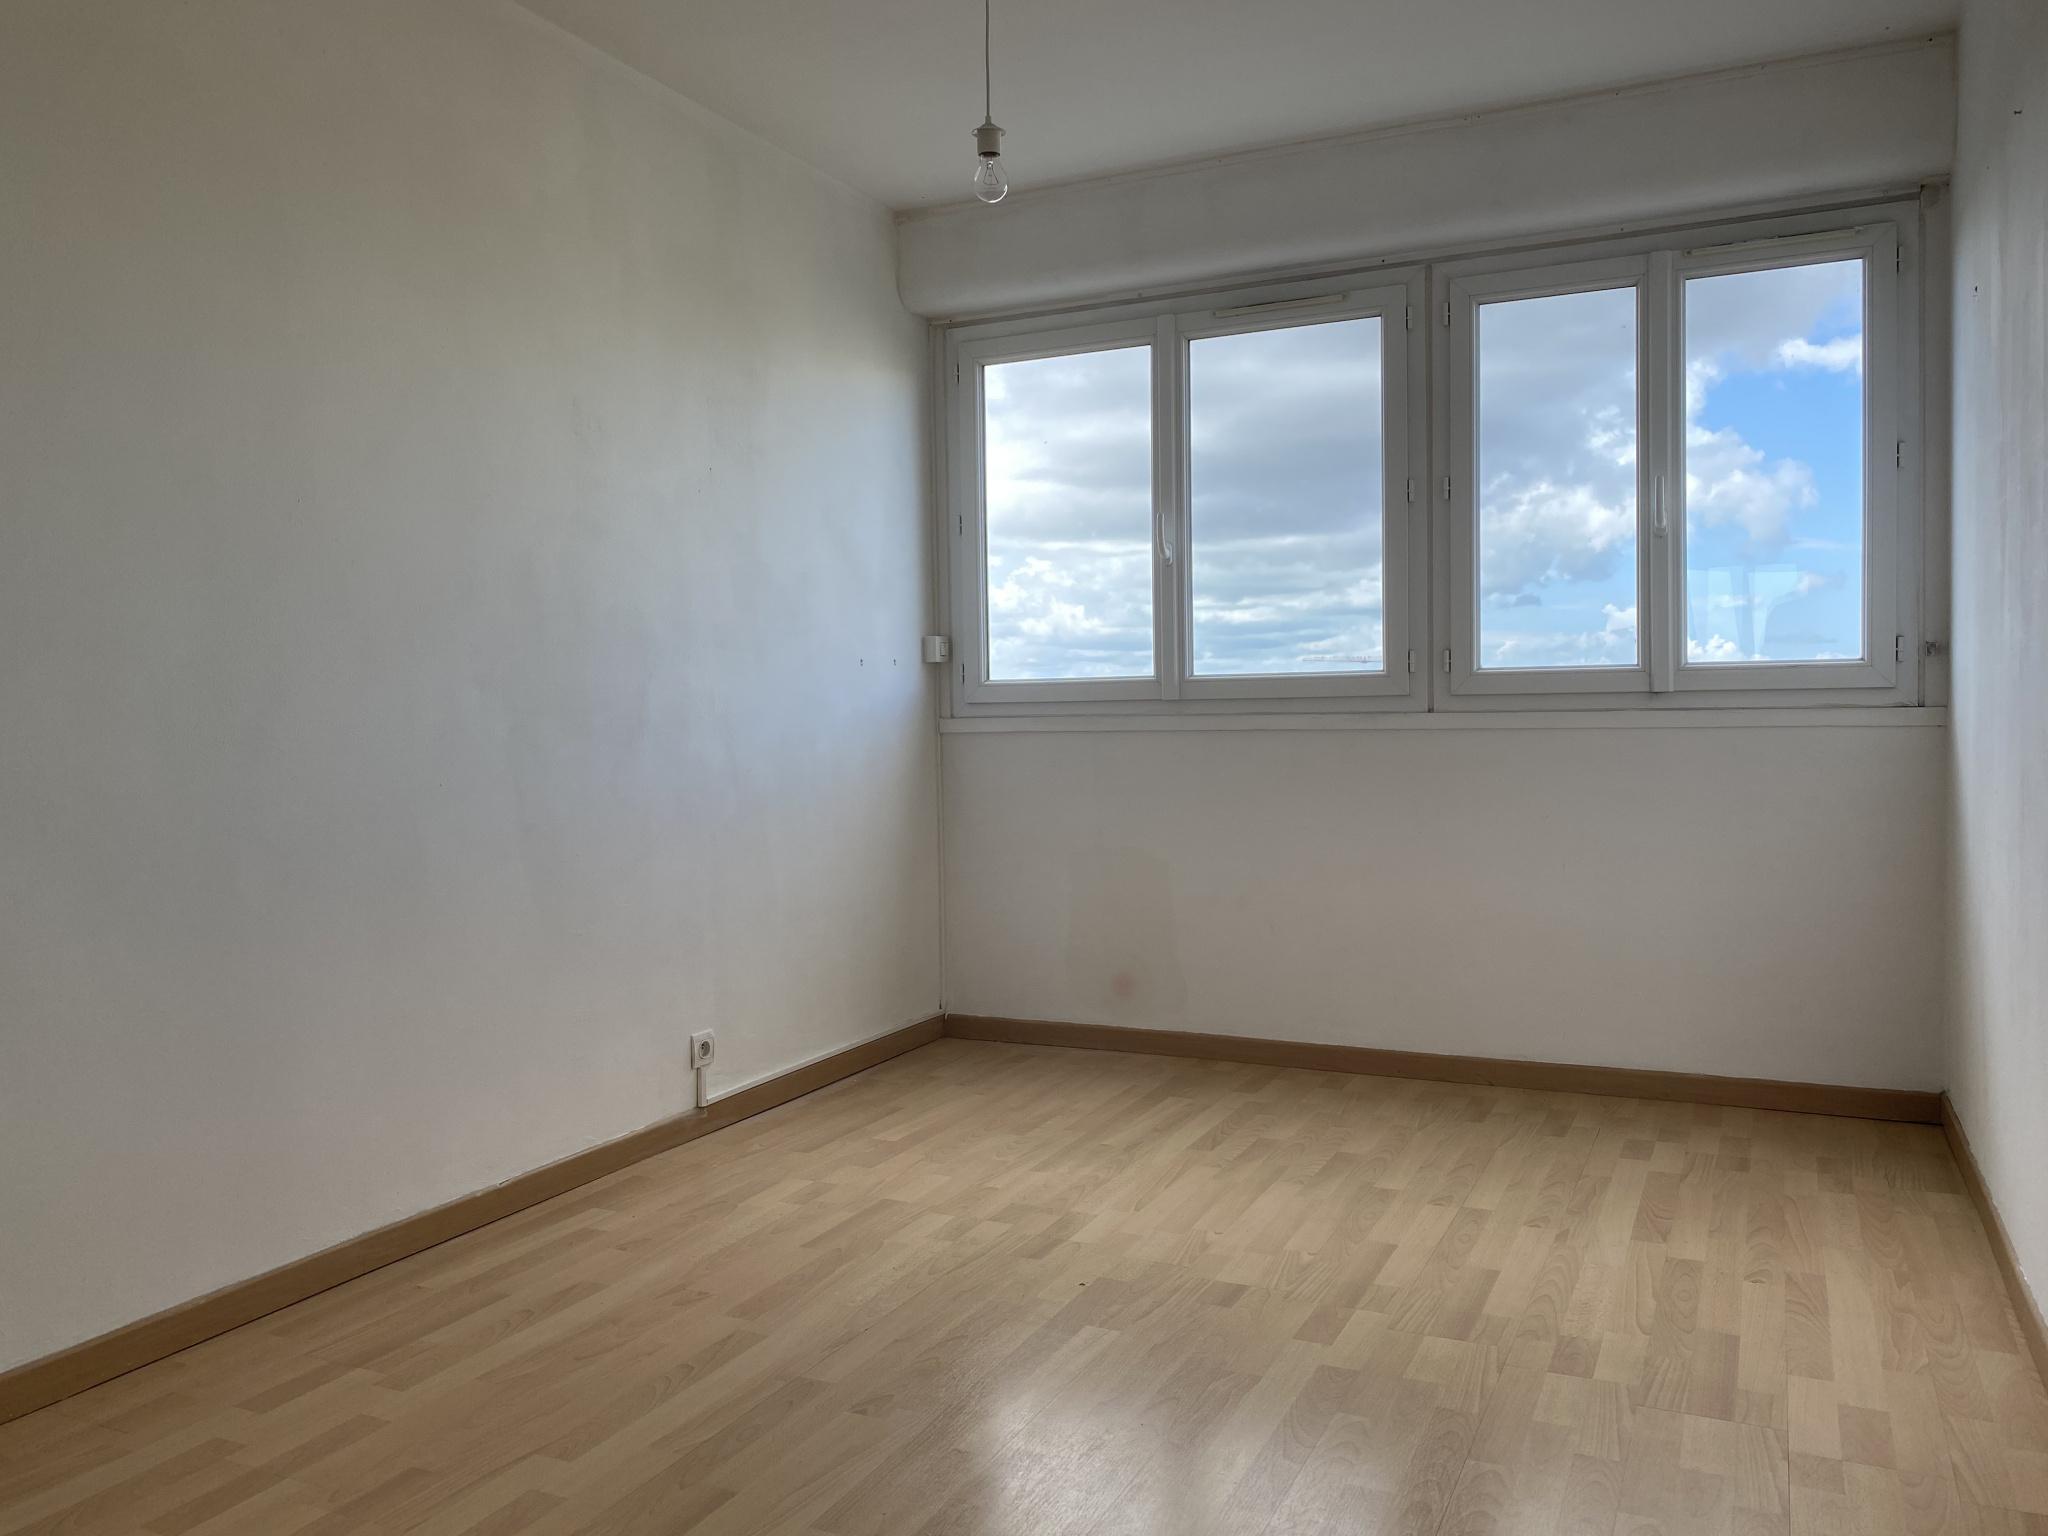 appartement la rochelle PROCHE COMMERCES ET COMMODITES - APPARTEMENT TYPE 3